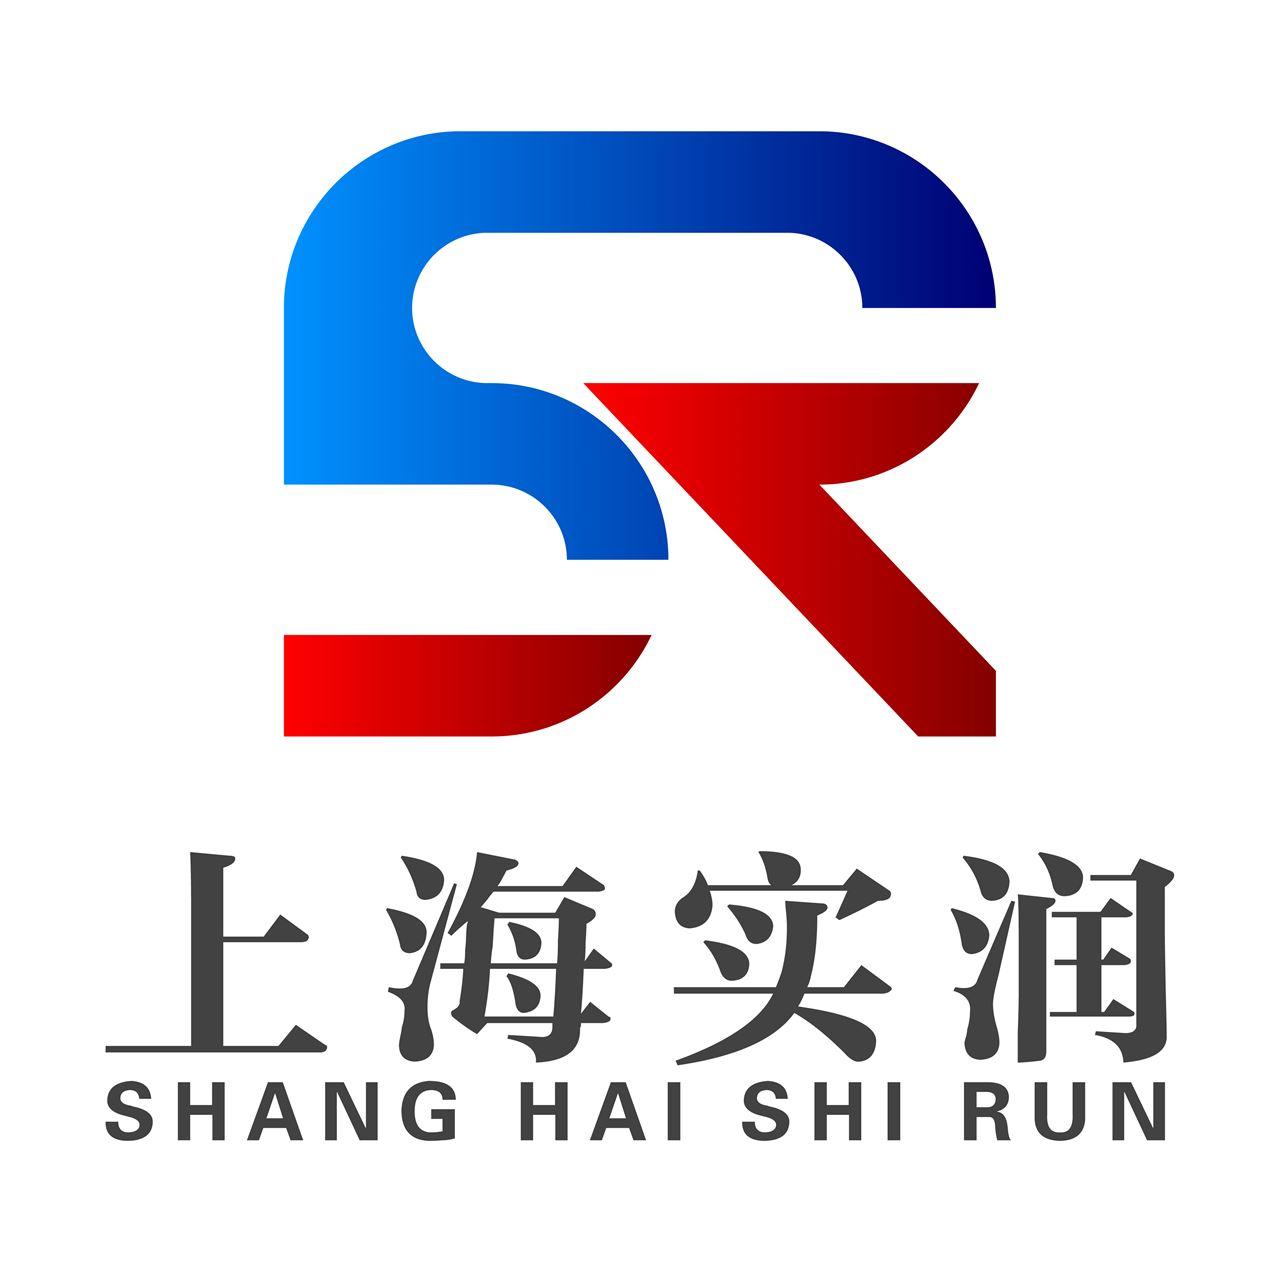 上海实润实业有限公司